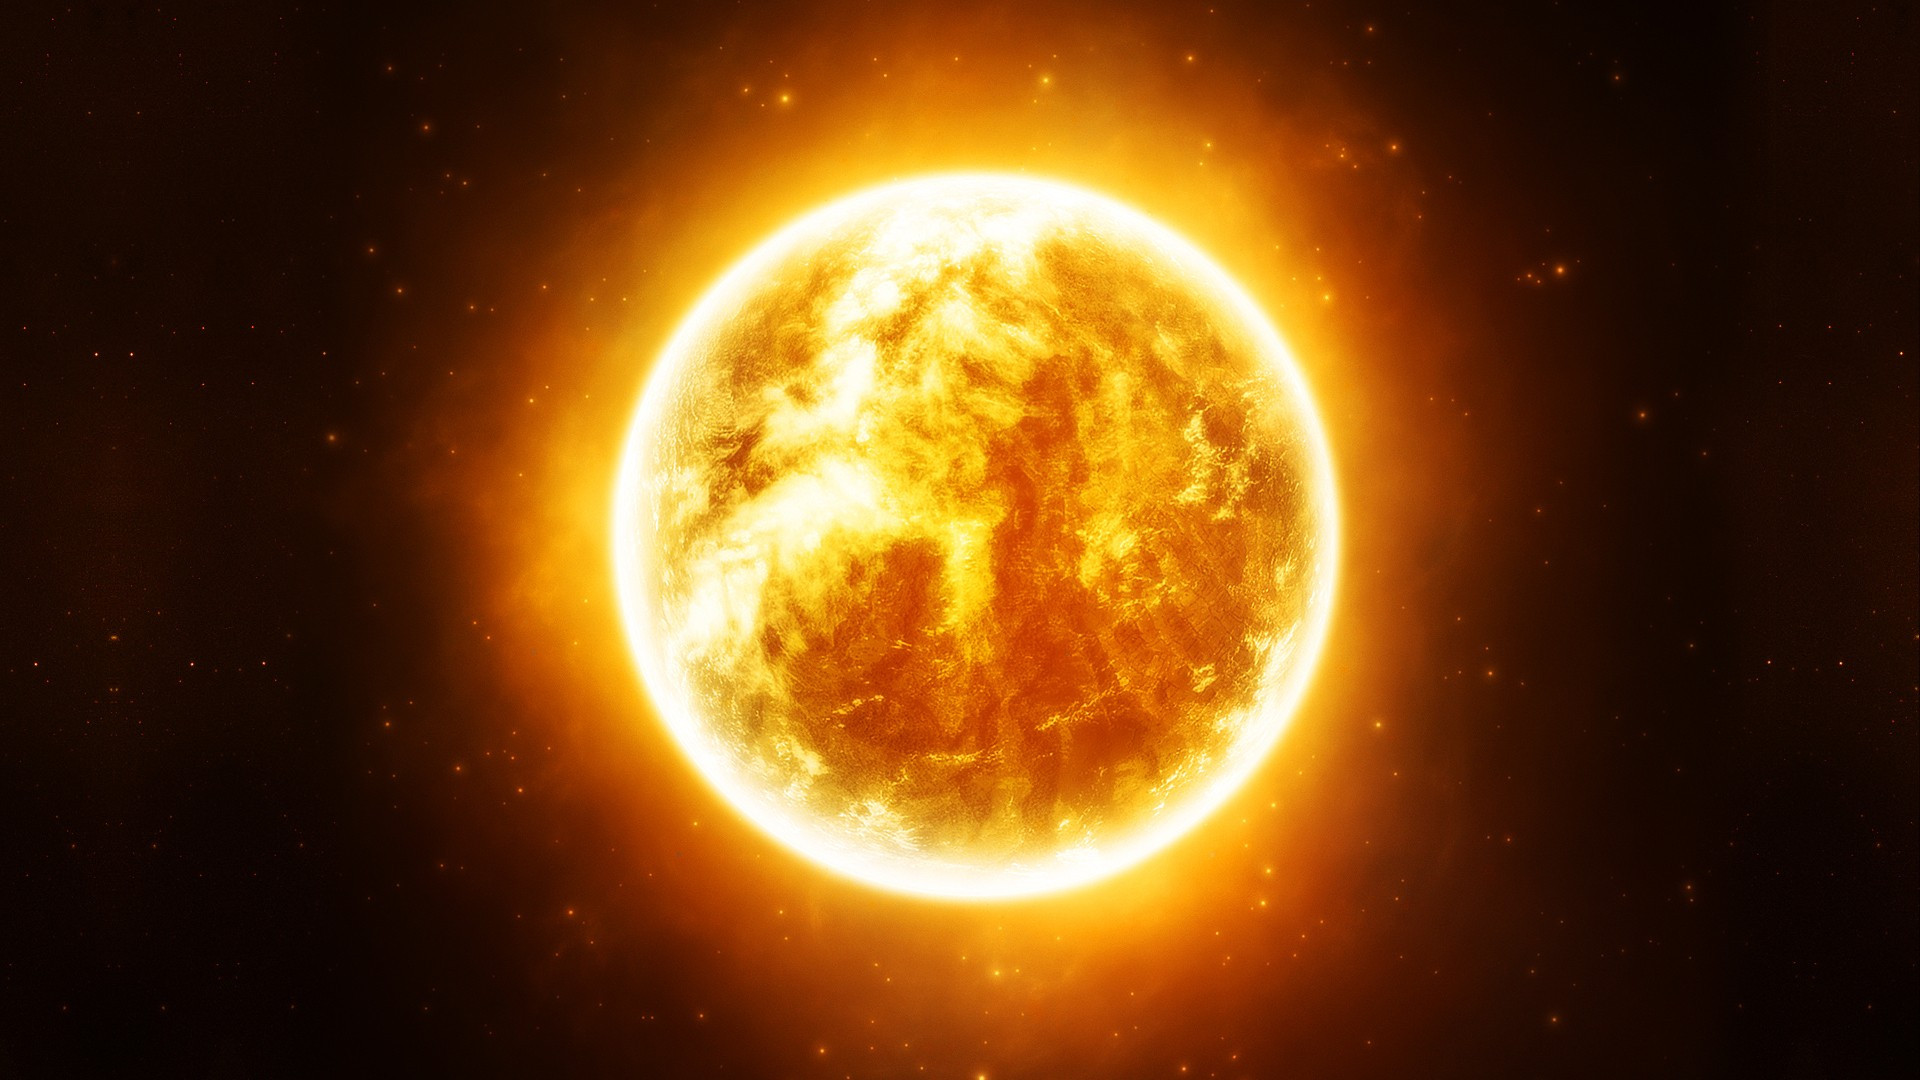 Ученые выяснили, что будет, если на Солнце вылить ведро воды